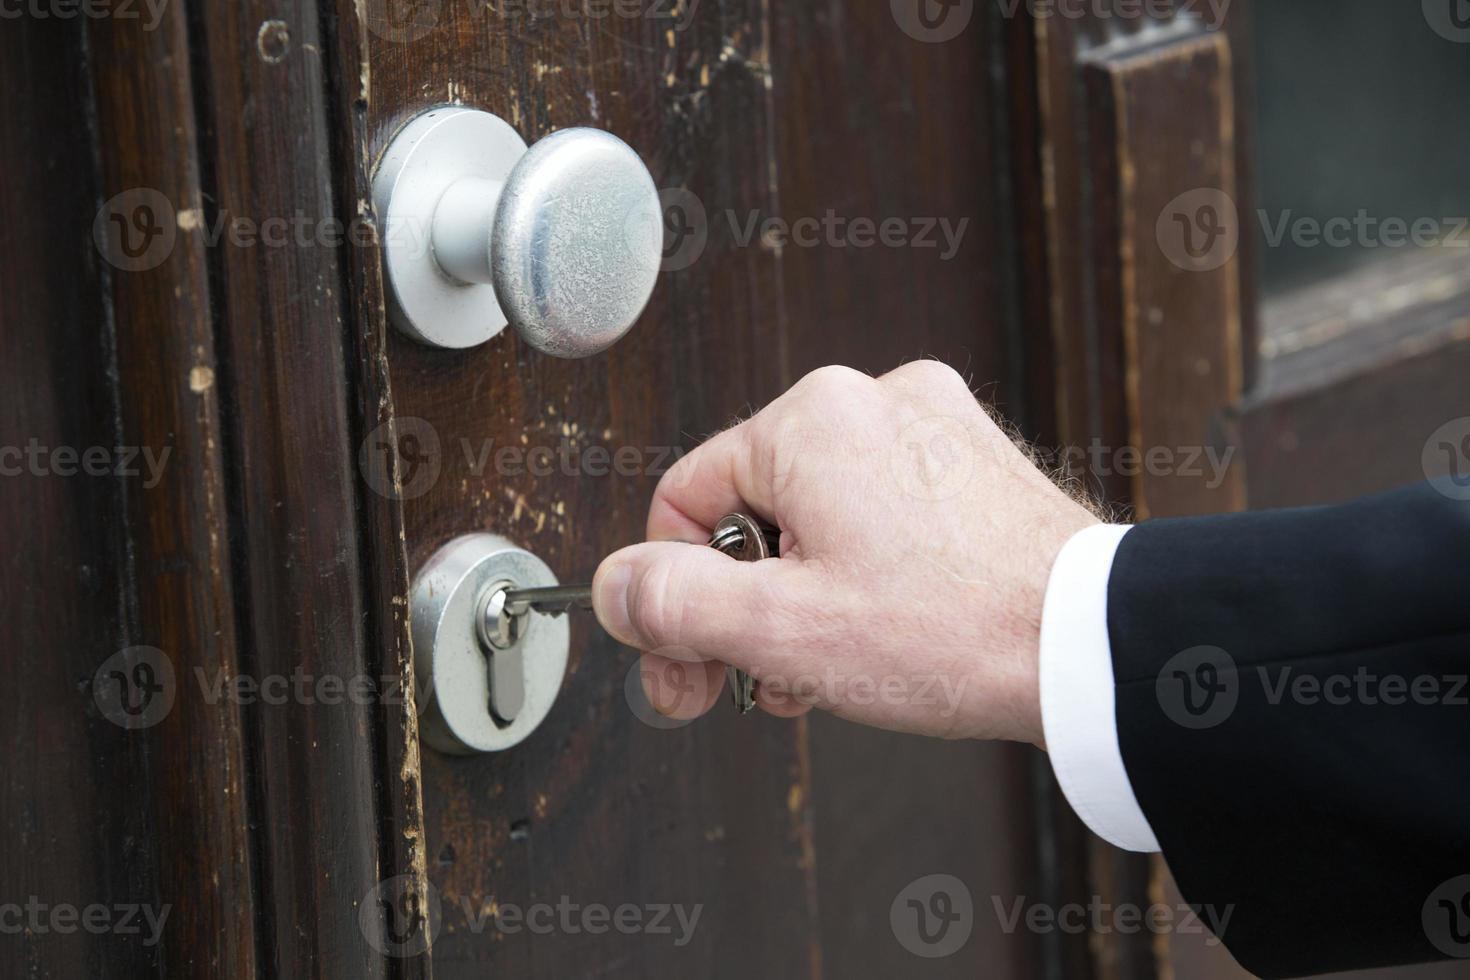 primer plano de la mano con llave en una puerta foto